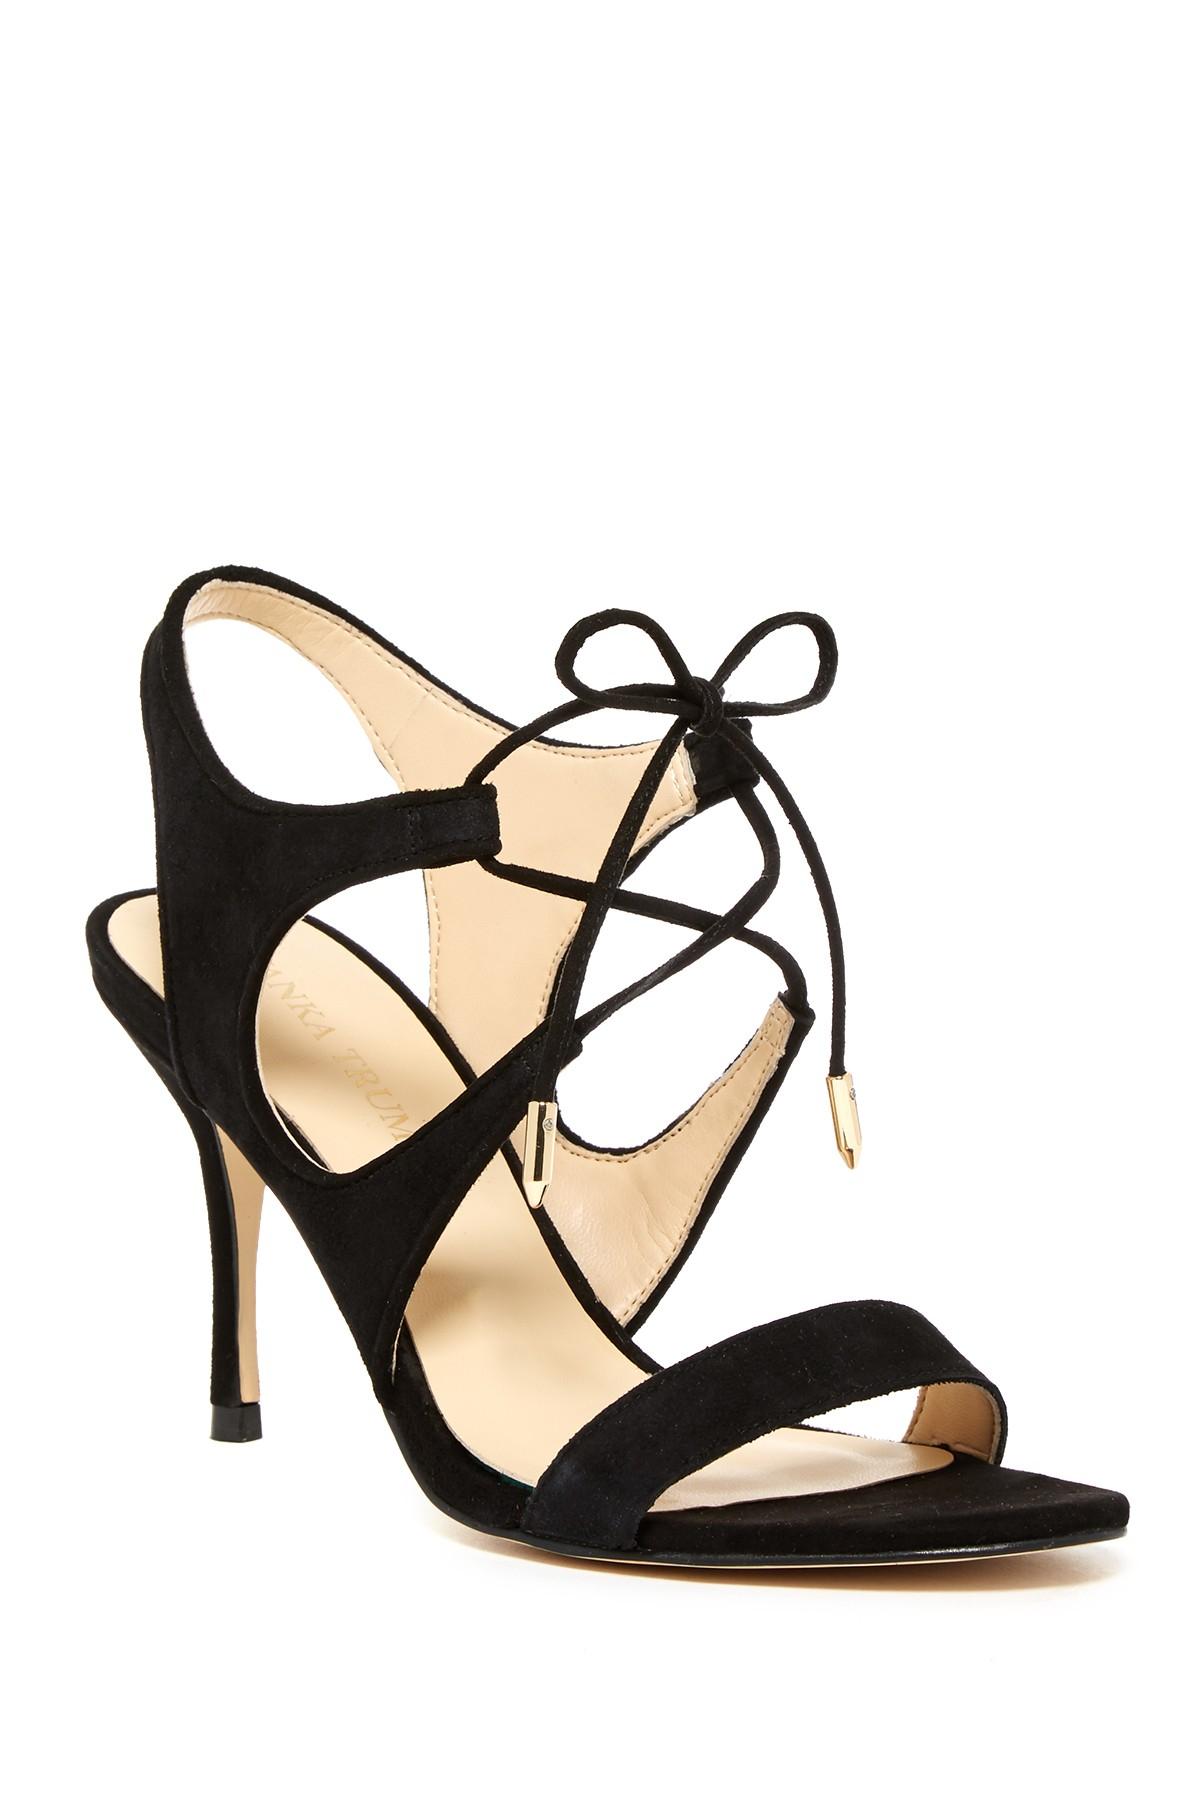 2b52d8c8e88 Lyst - Ivanka Trump Garver Sandal in Black